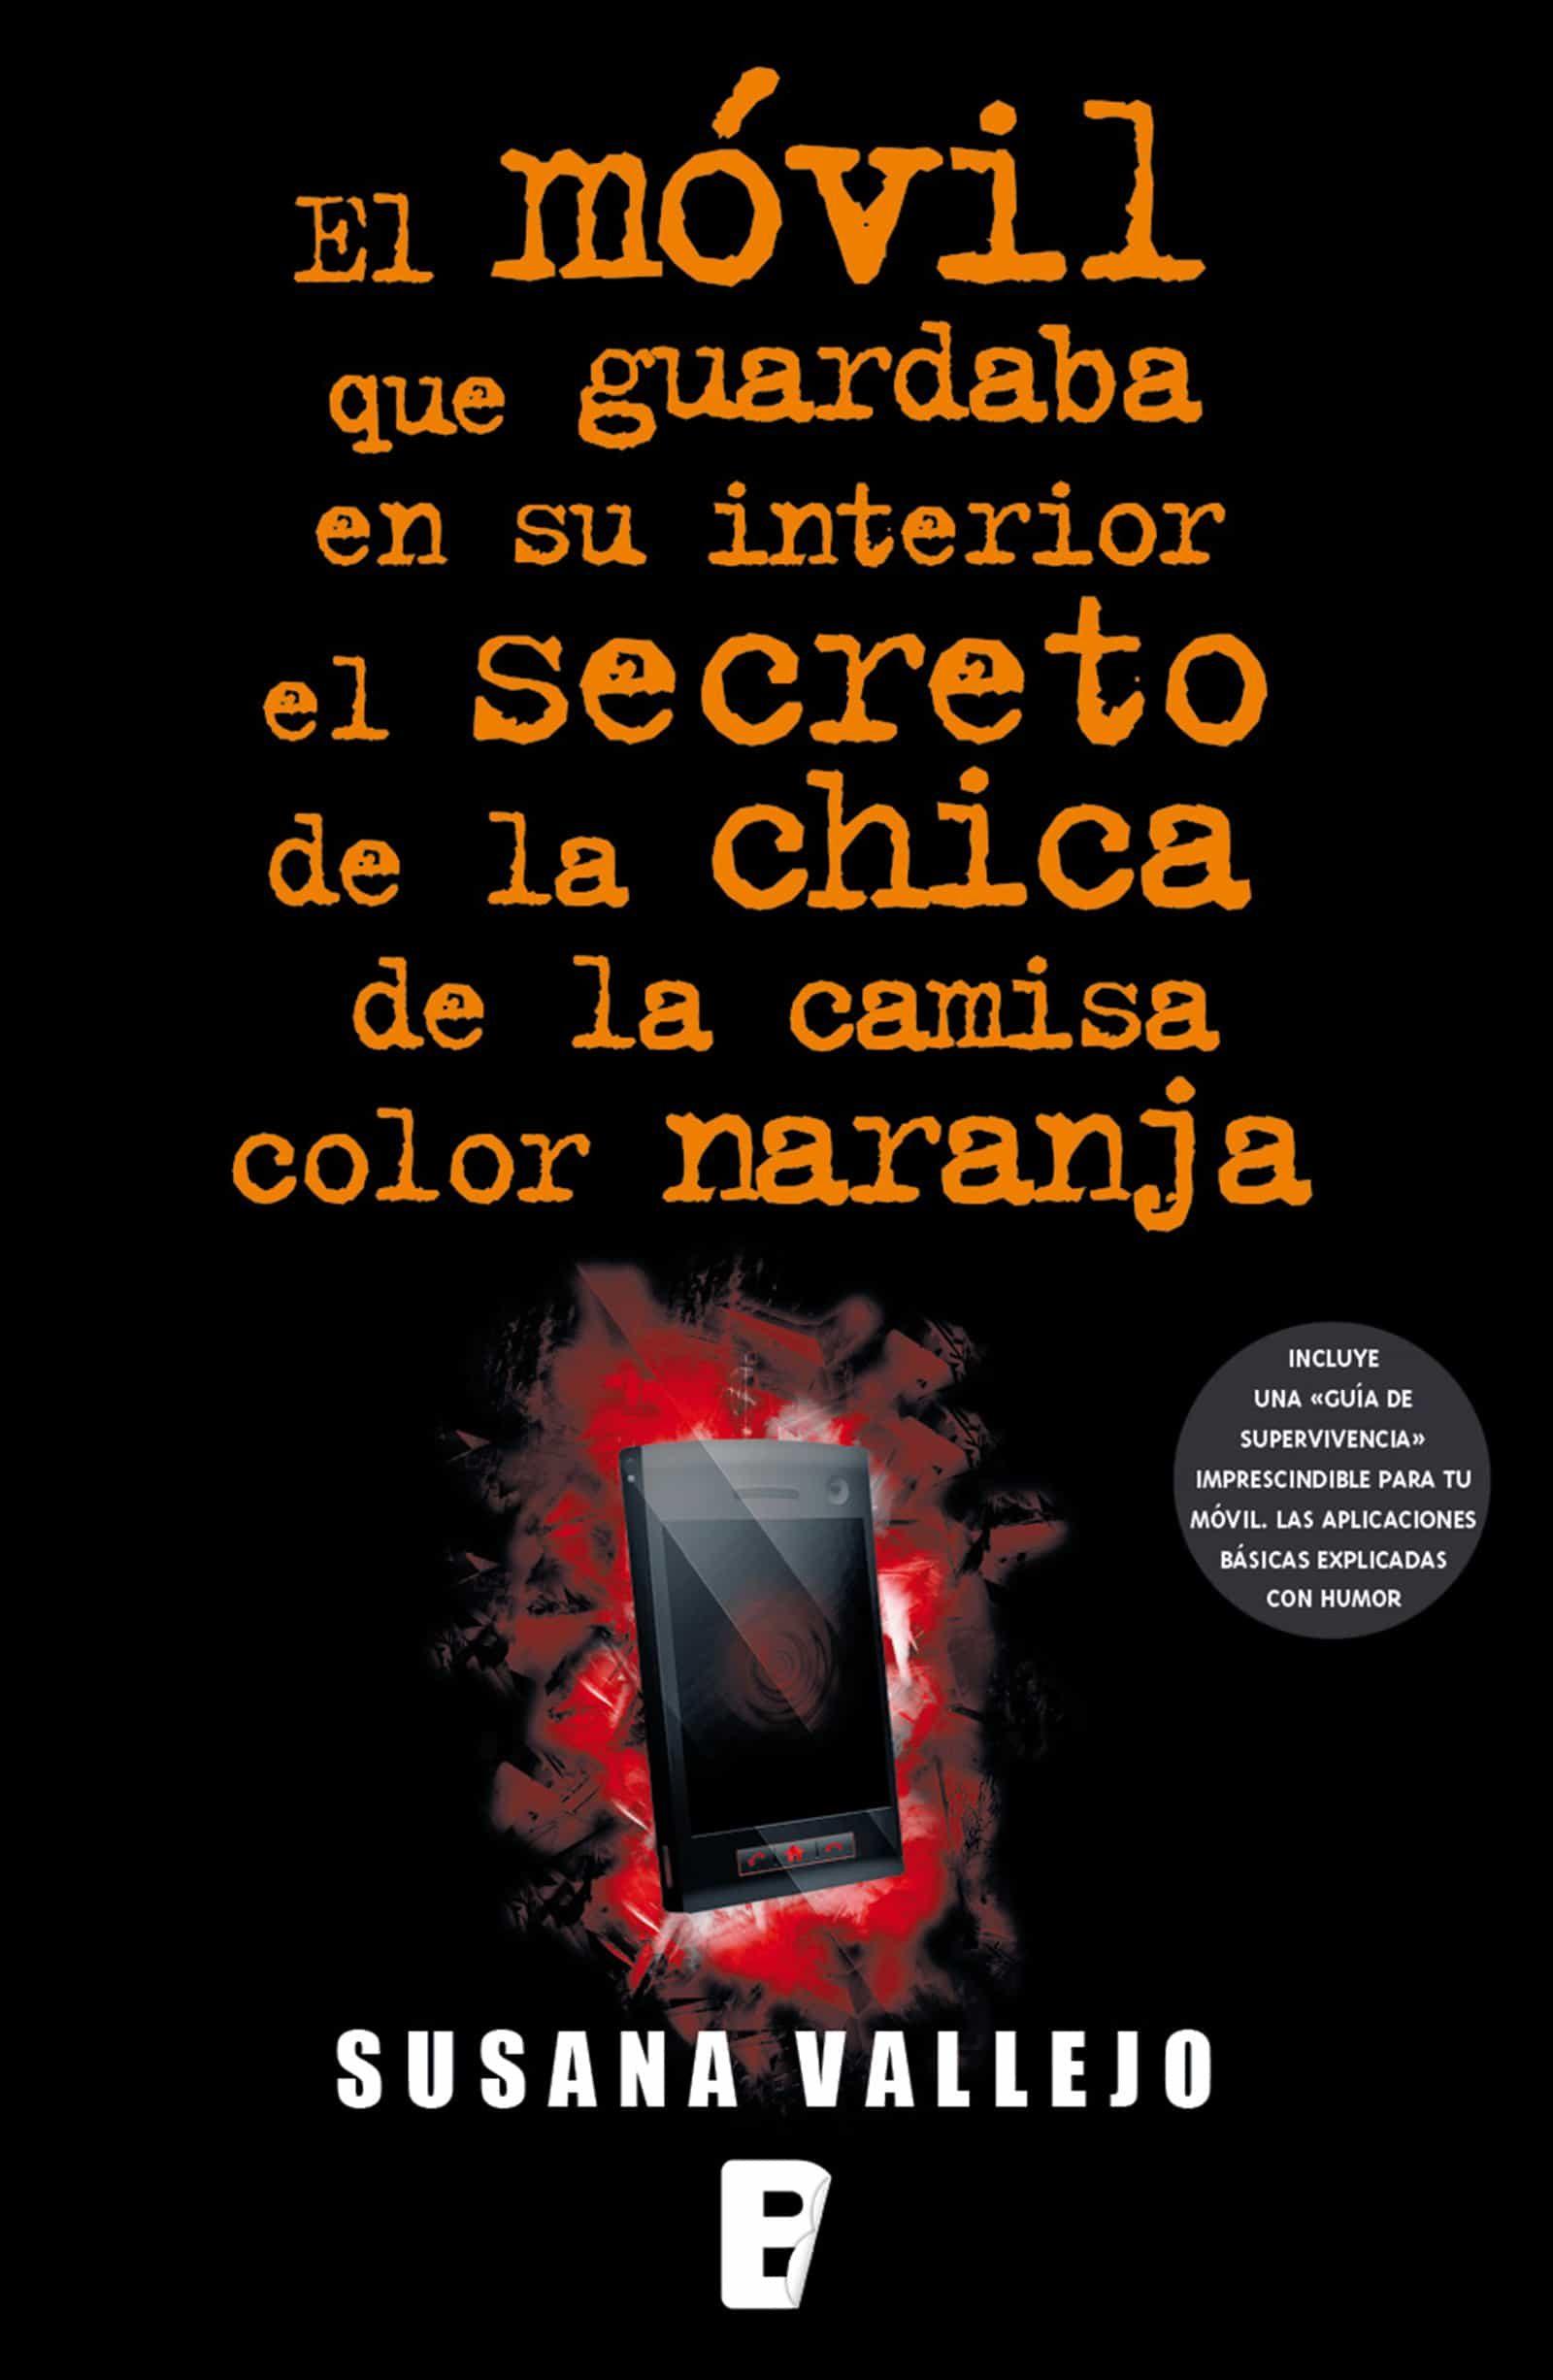 7e75435fa Móvil Que Guardaba En Su Interior El Secreto De La Chica De La Camisa  (ebook) · Ebooks · El Corte Inglés